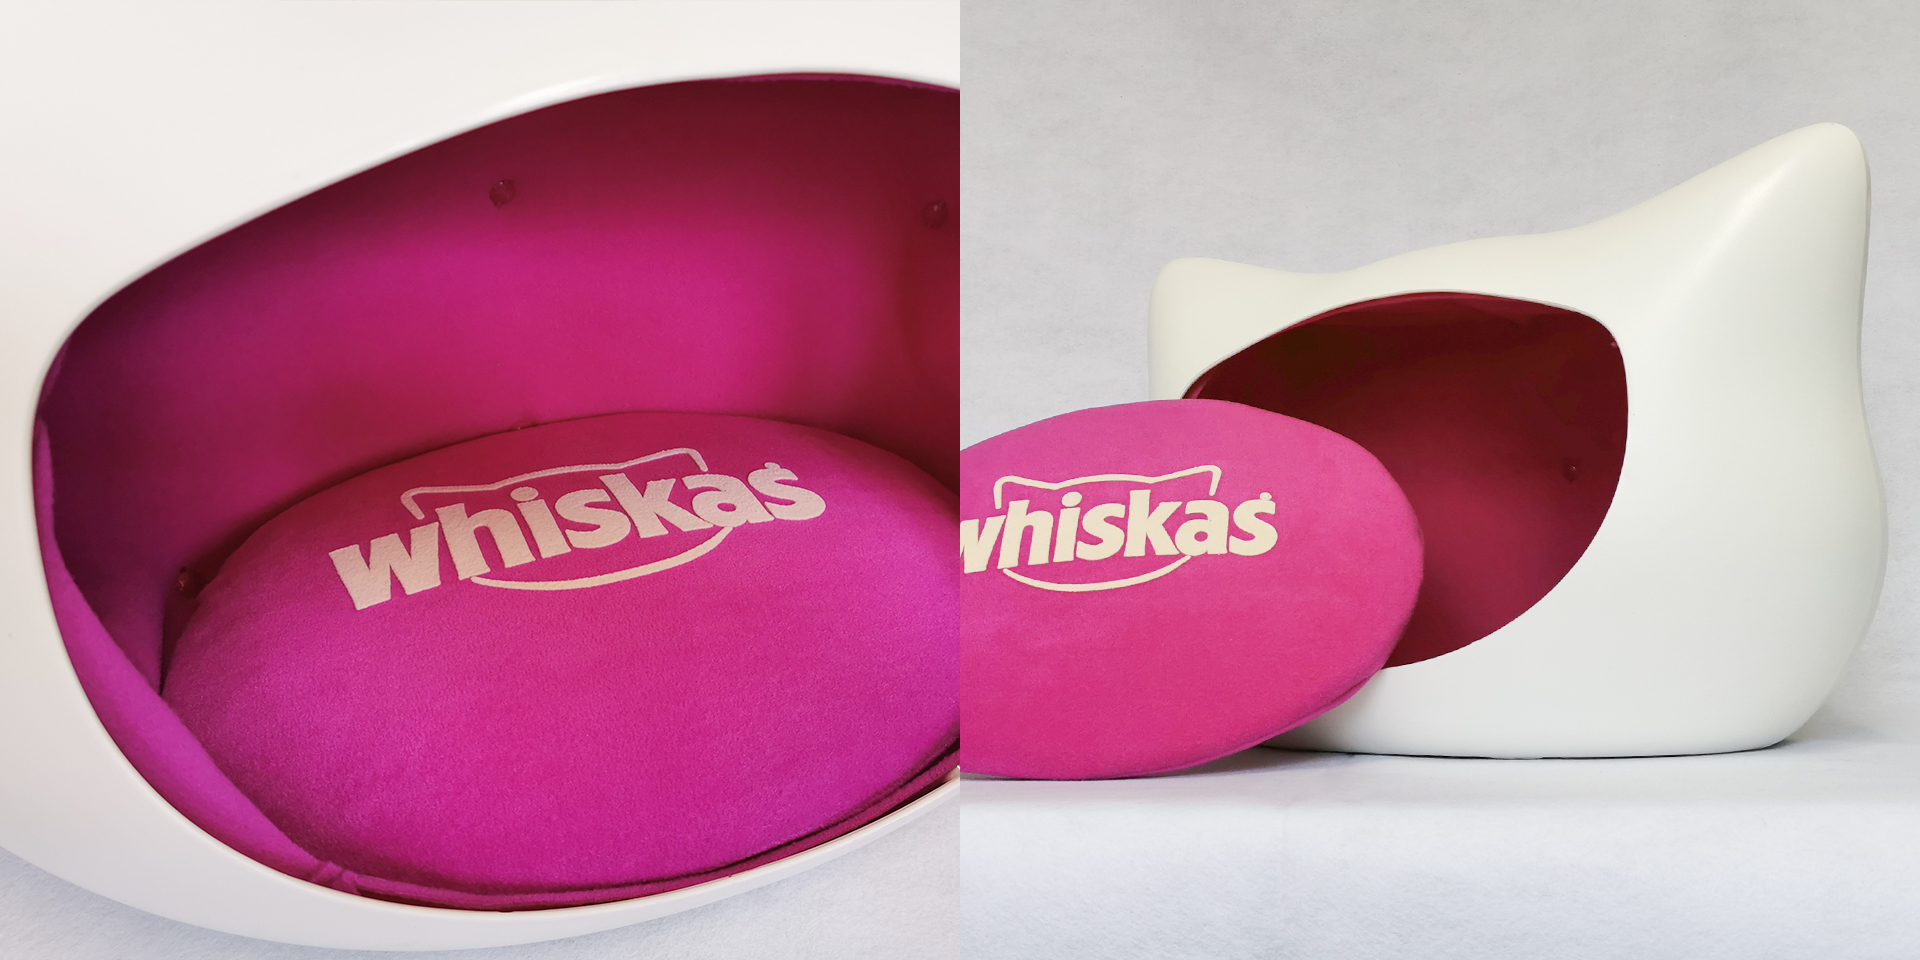 Whiskas - Miezhaus - Zweyloeven Werbeproduktion GmbH